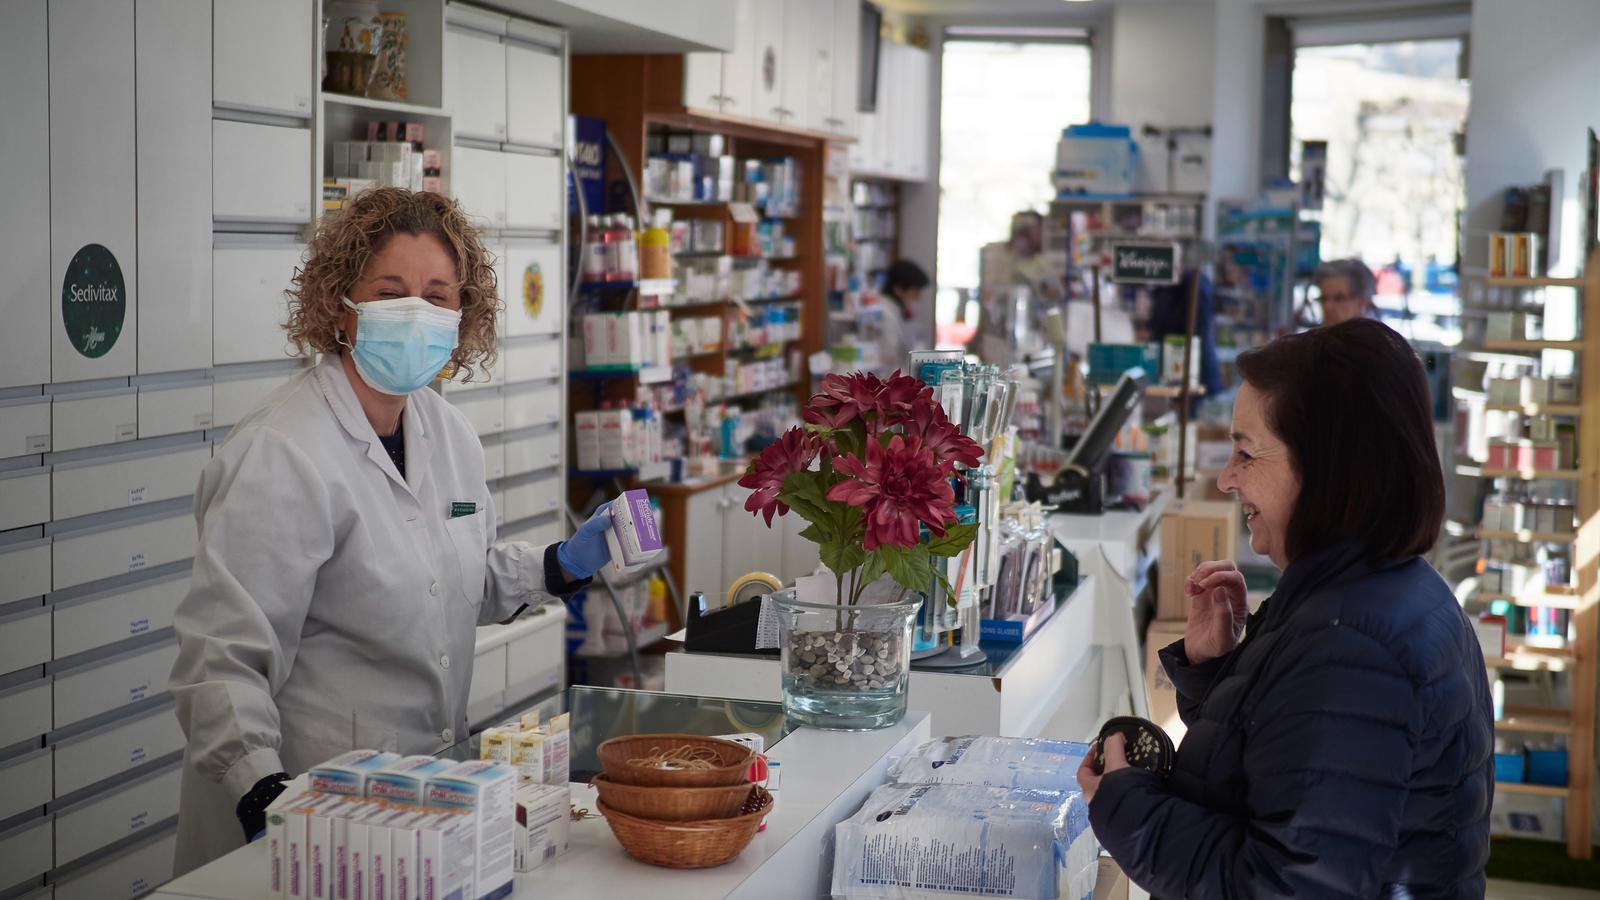 Les farmàcies continuaran funcionant amb normalitat